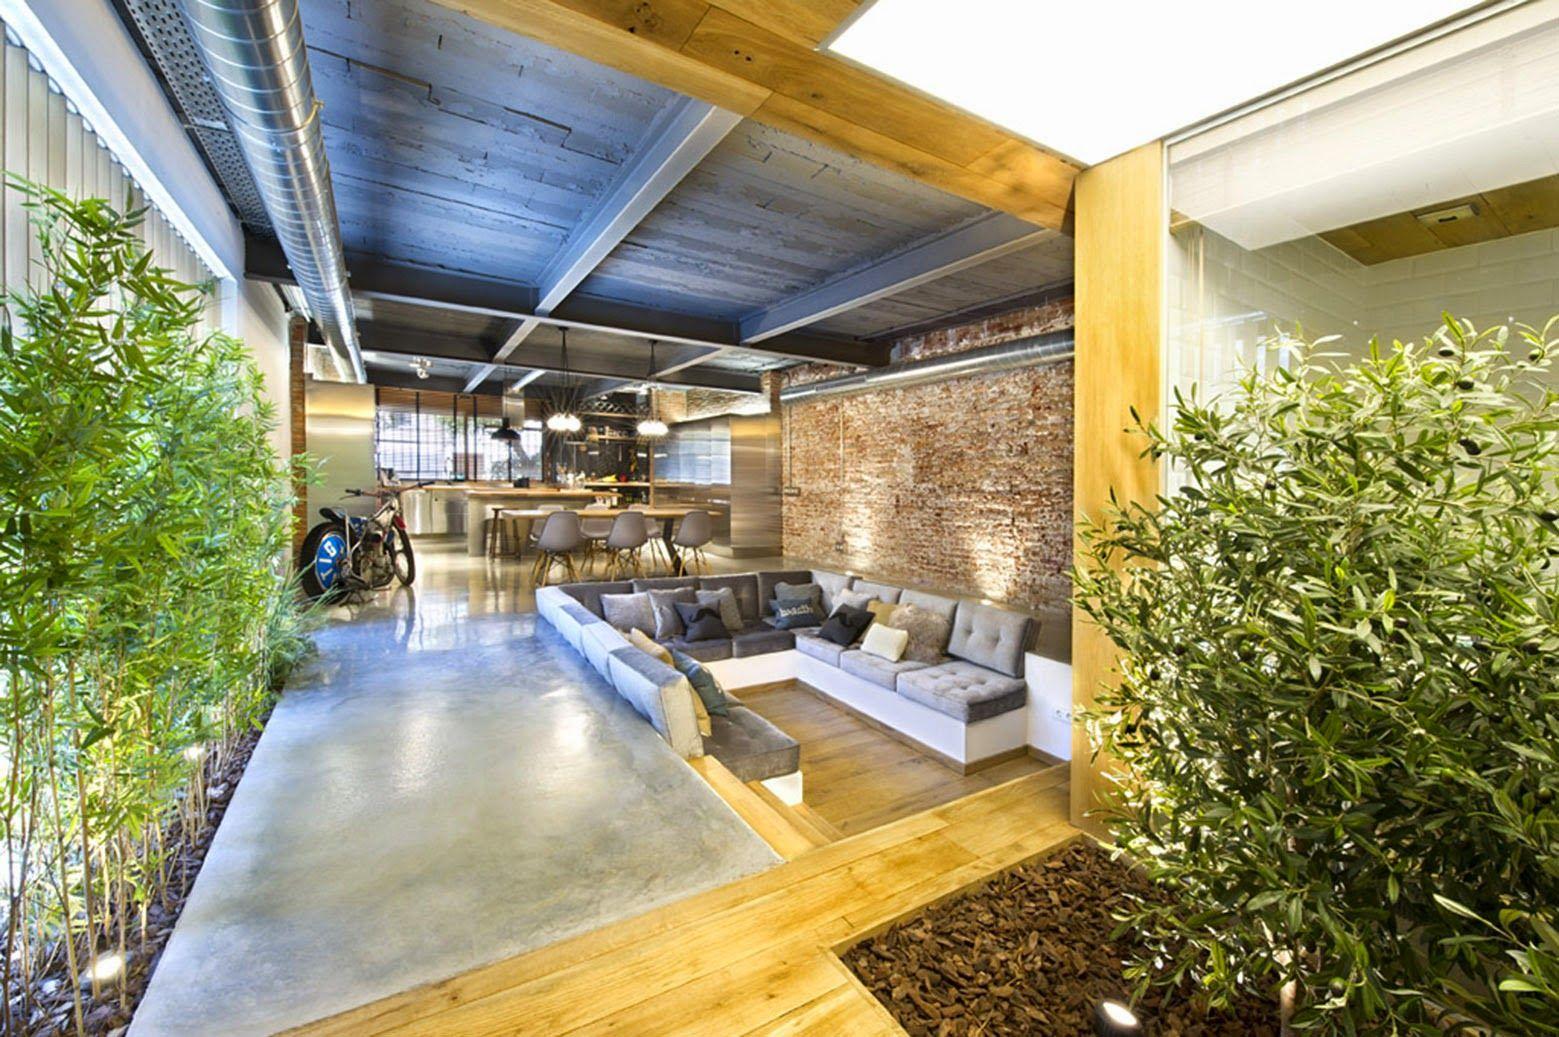 Como Construir Un Loft Economico Buscar Con Google Viviendas Tipo Loft Loft Moderno Loft Diseño